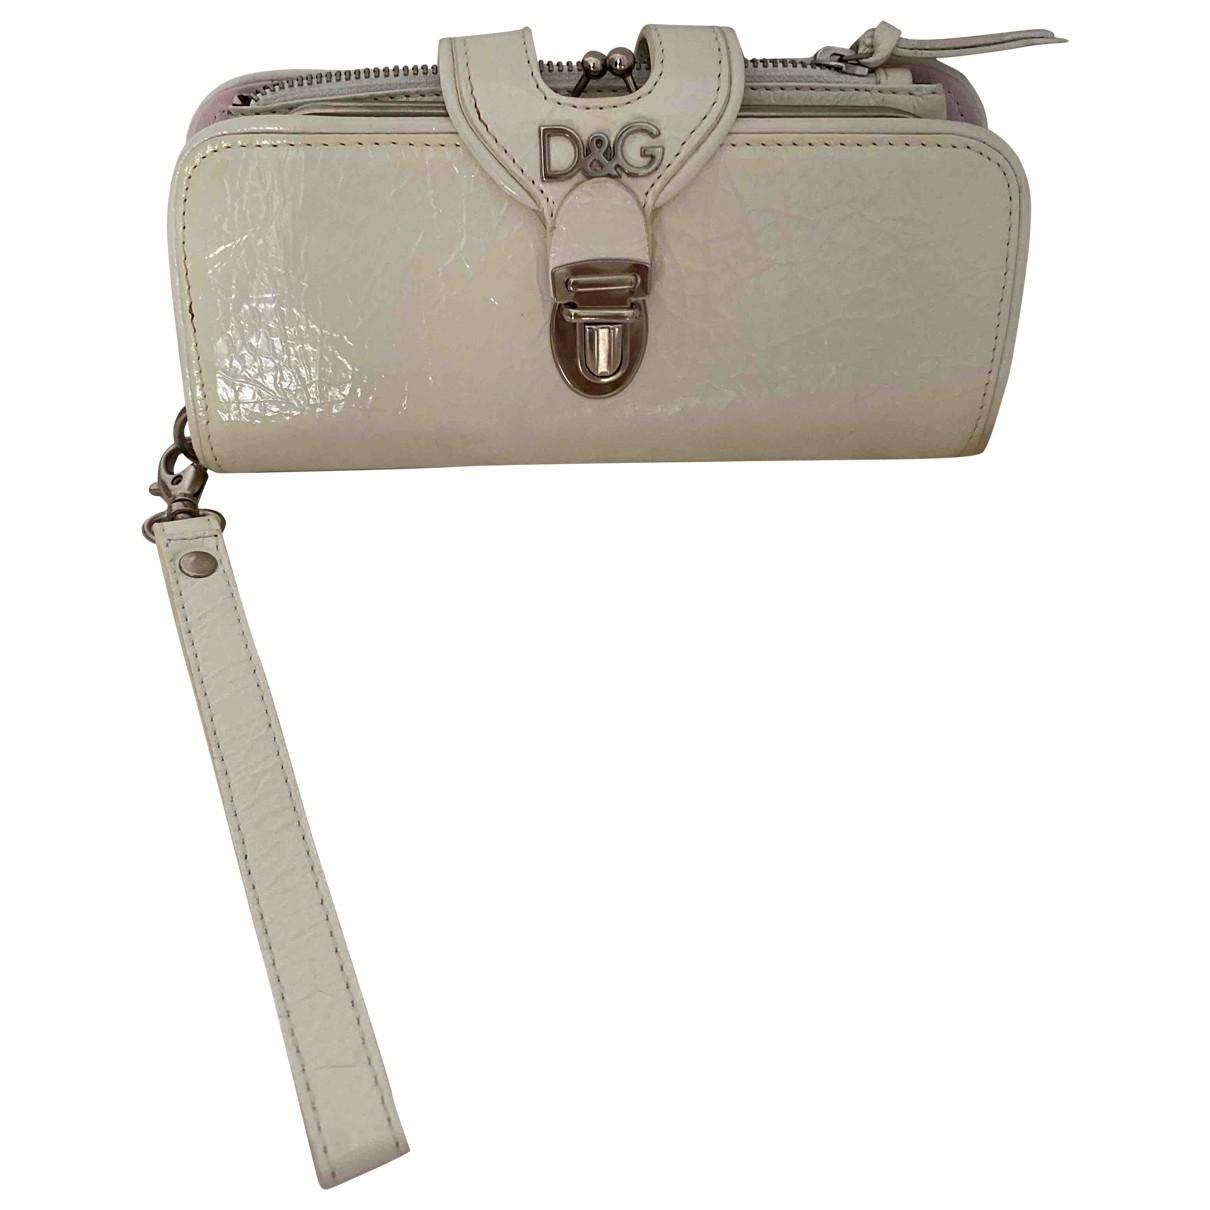 D&g - Portefeuille   pour femme en cuir verni - blanc